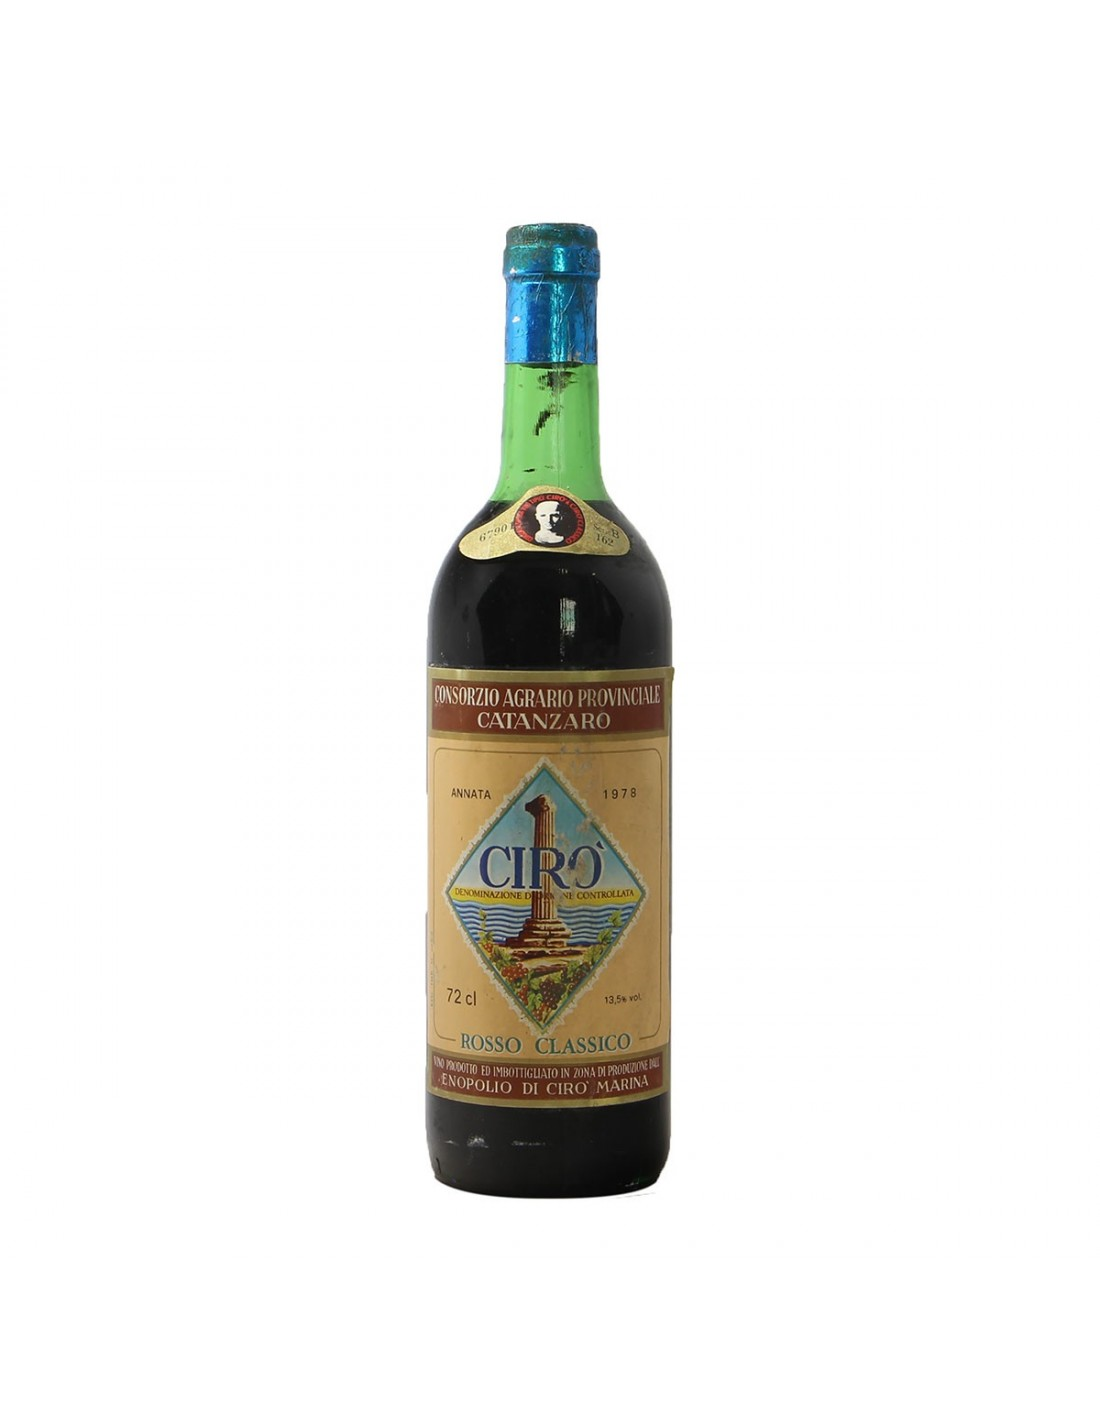 CIRO ROSSO CLASSICO 1978 CONSORZIO AGRARIO PROVINCIALE CATANZARO Grandi Bottiglie